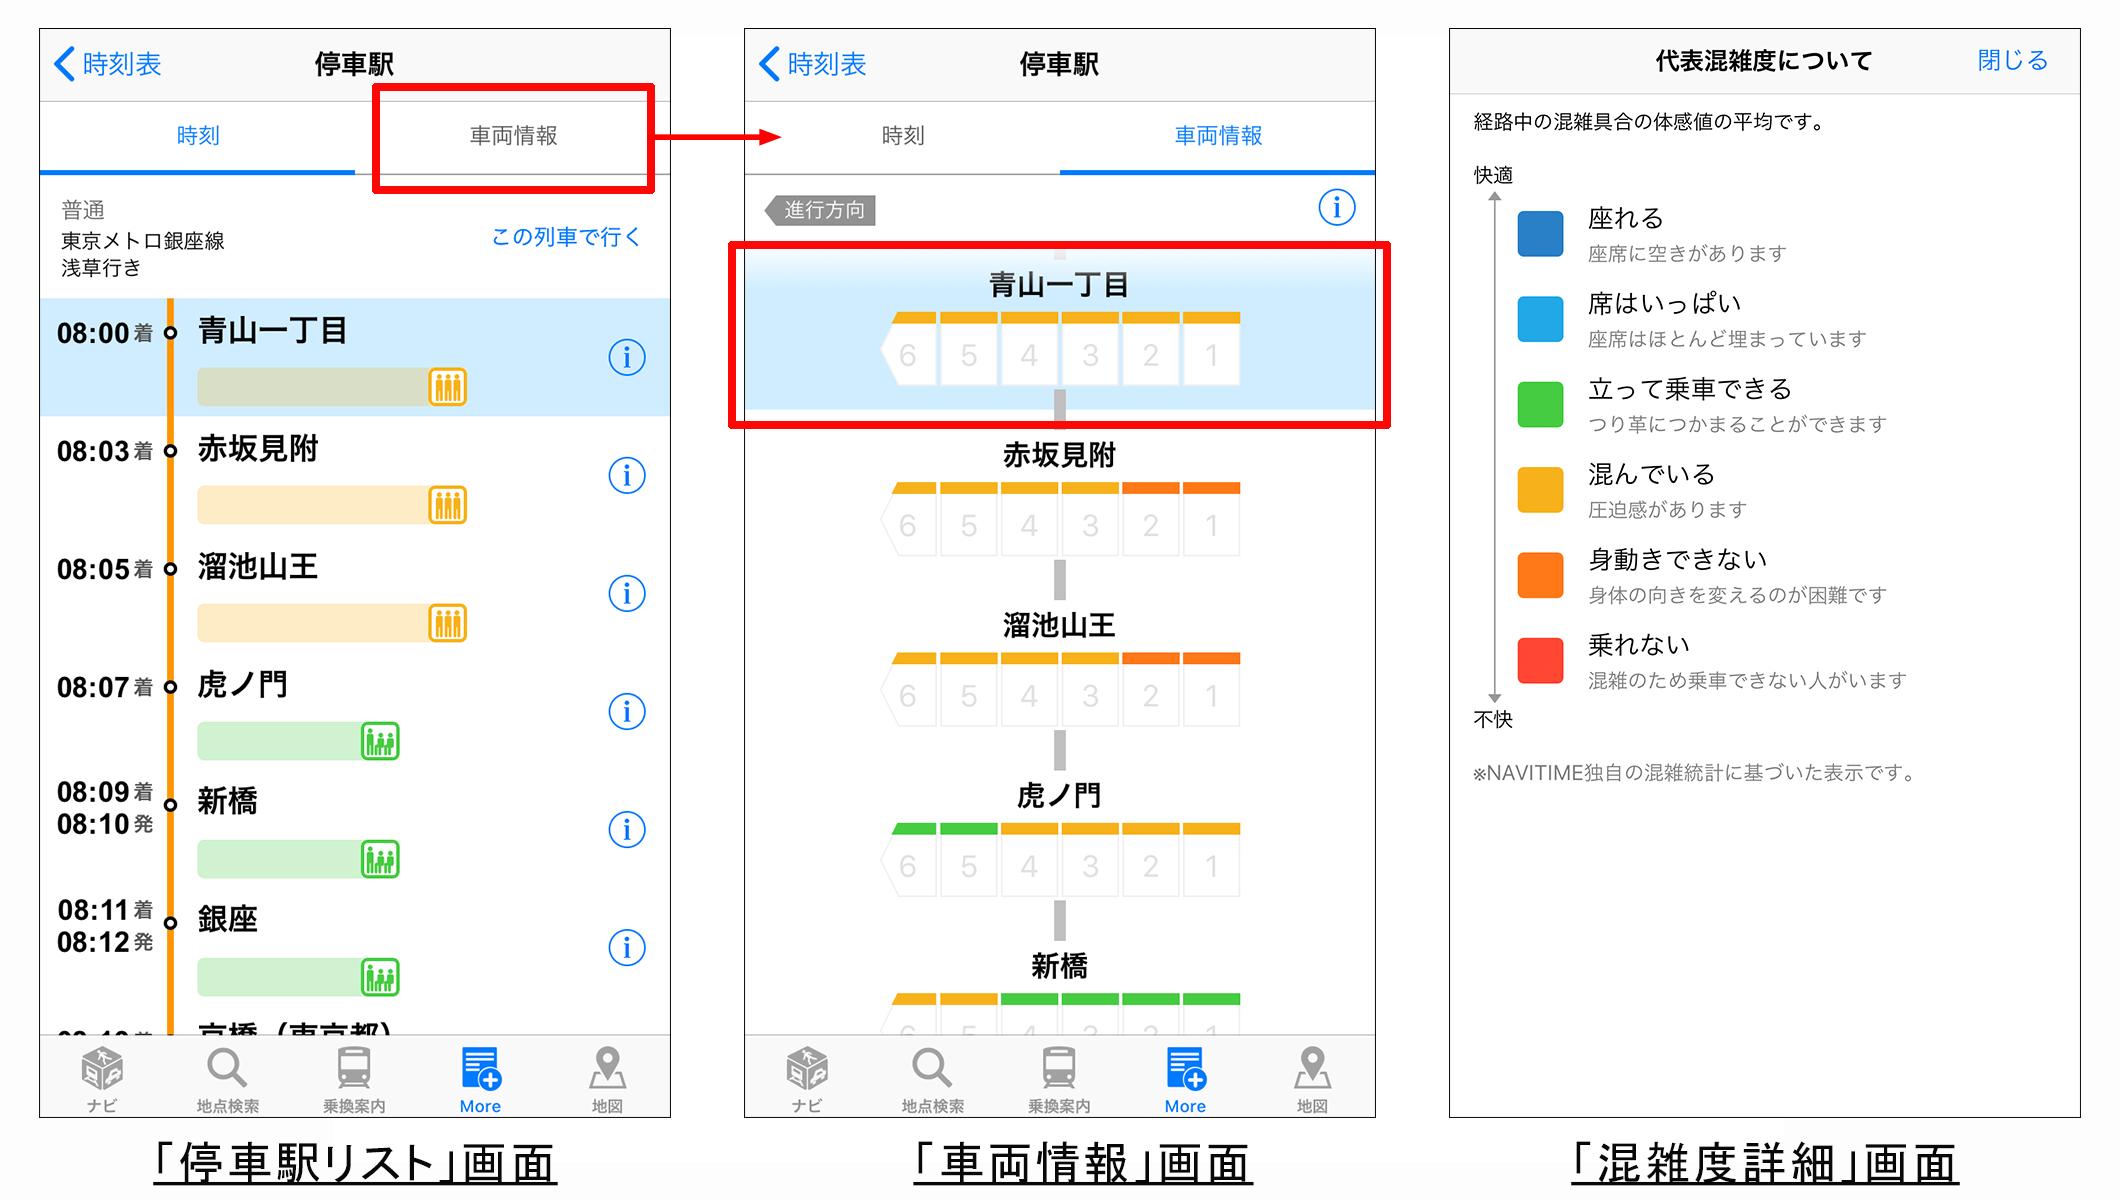 http://corporate.navitime.co.jp/topics/87bd6d5069e4035ad2e795f658e5c6864f62adb9.png